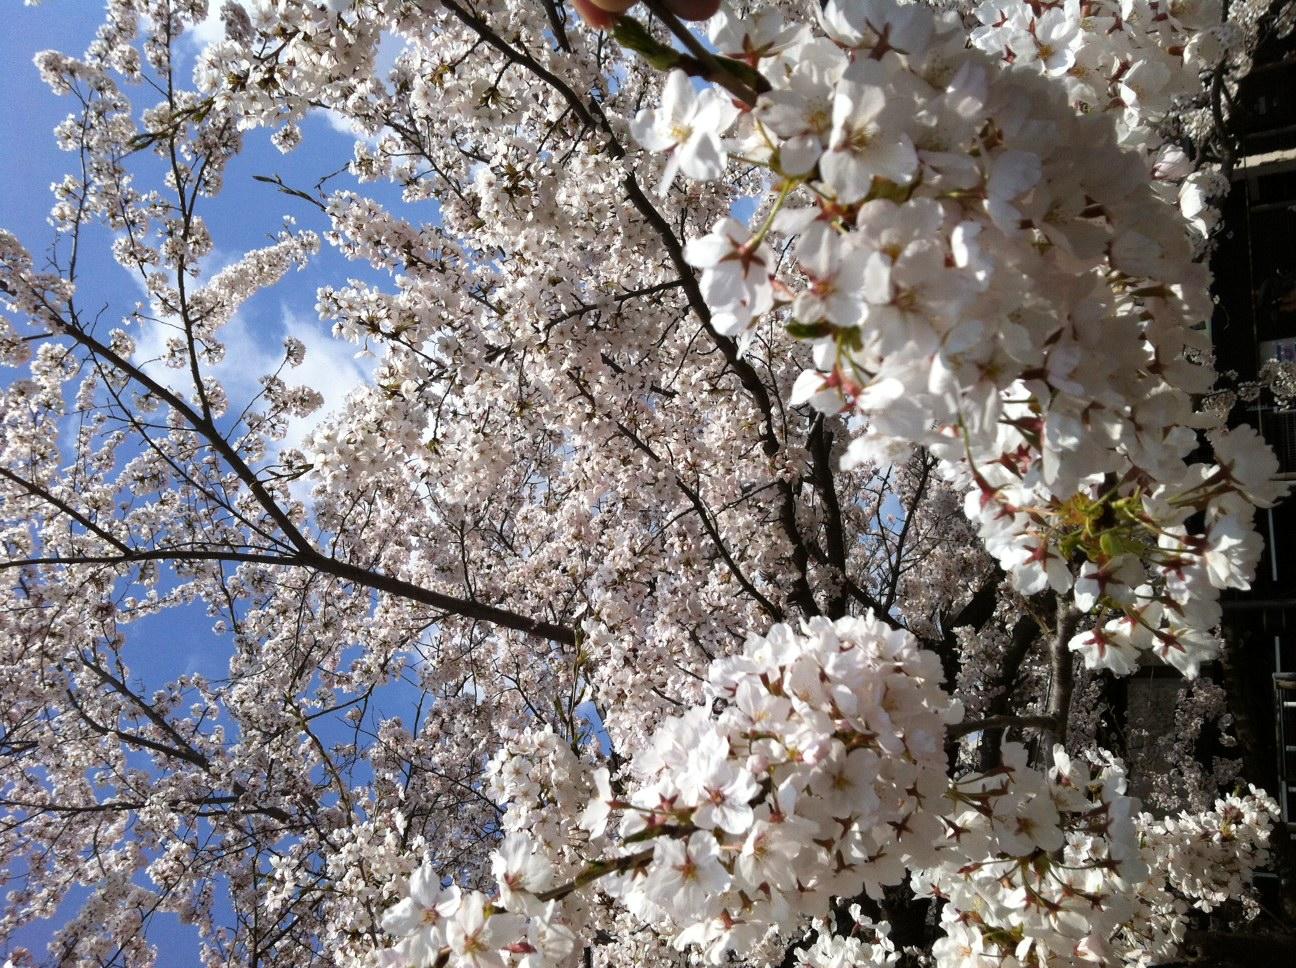 桜まつり満喫♪お花見プラン♪